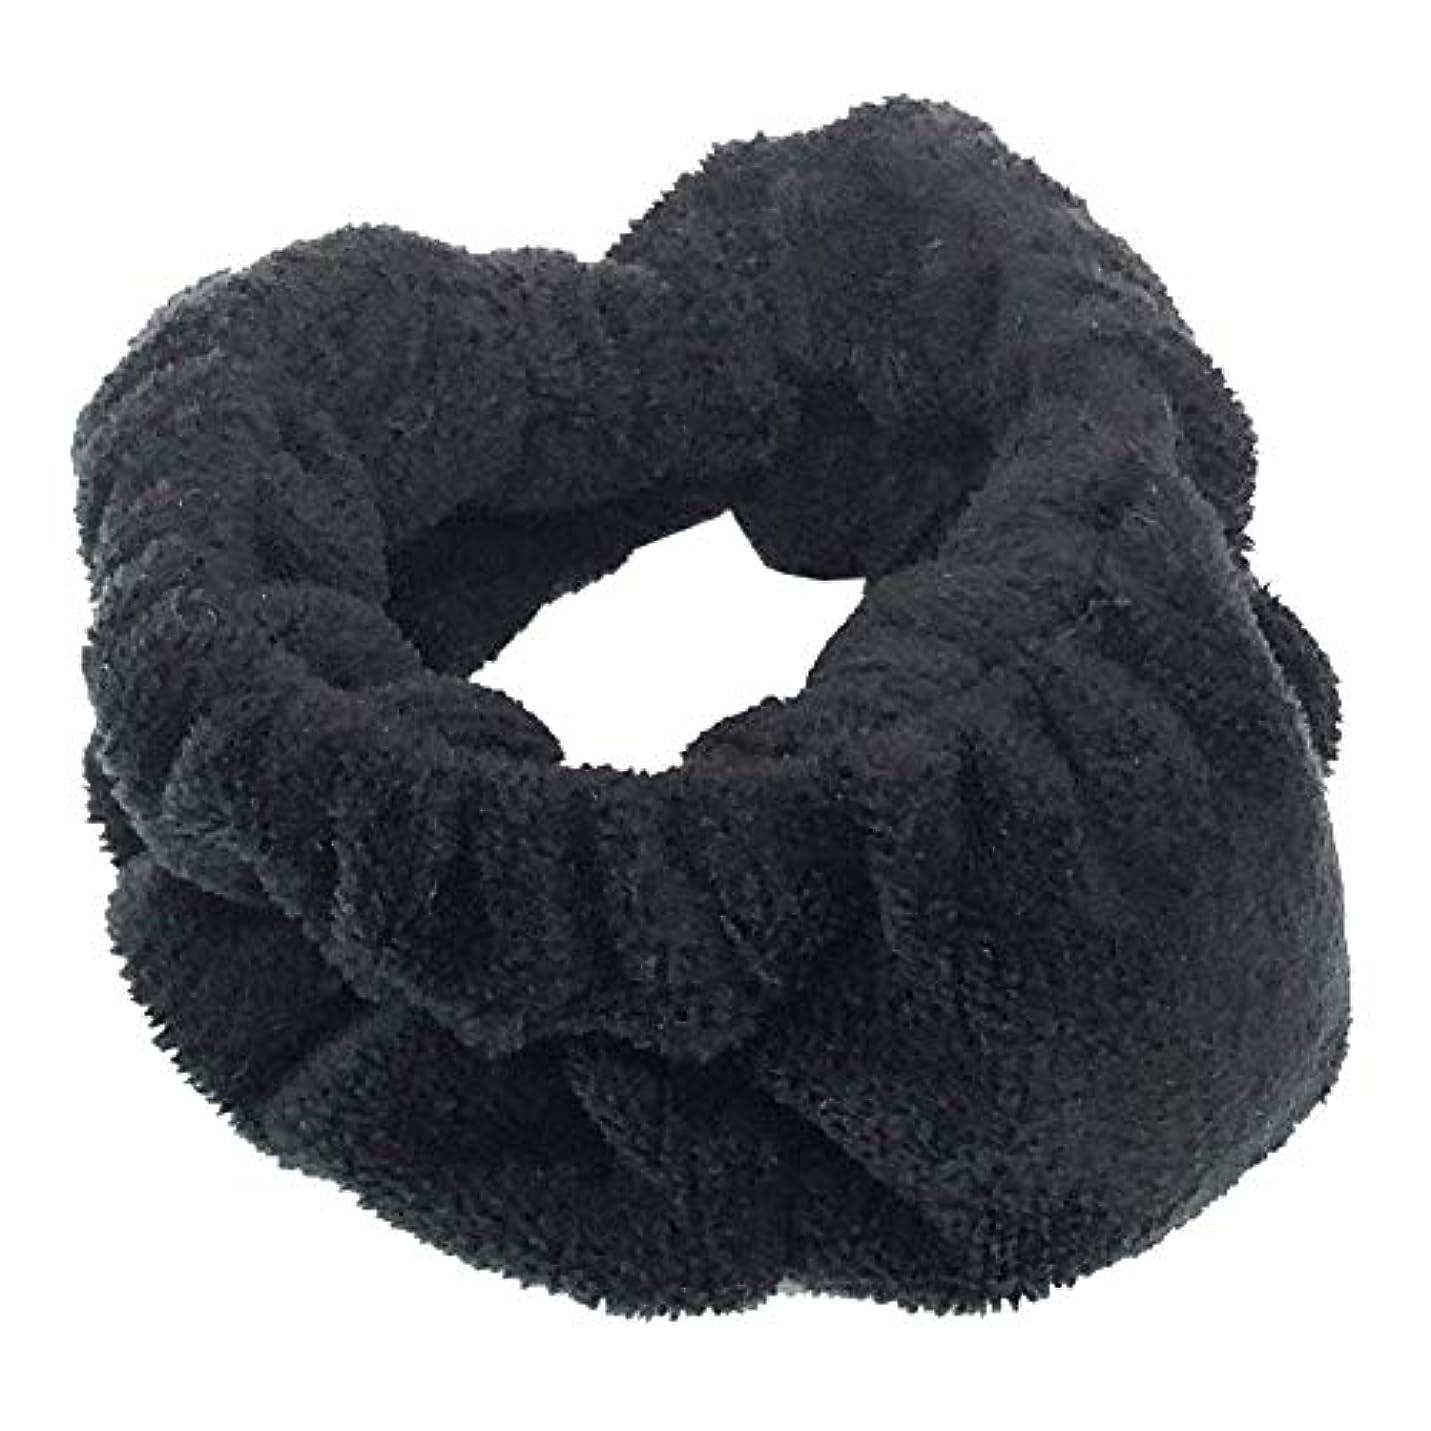 ぐるぐる溢れんばかりのバルセロナOHEYA(オヘヤ) 『モコモコツボバンド』 (BLACK/ブラック) ふわふわ もこもこ マッサージ